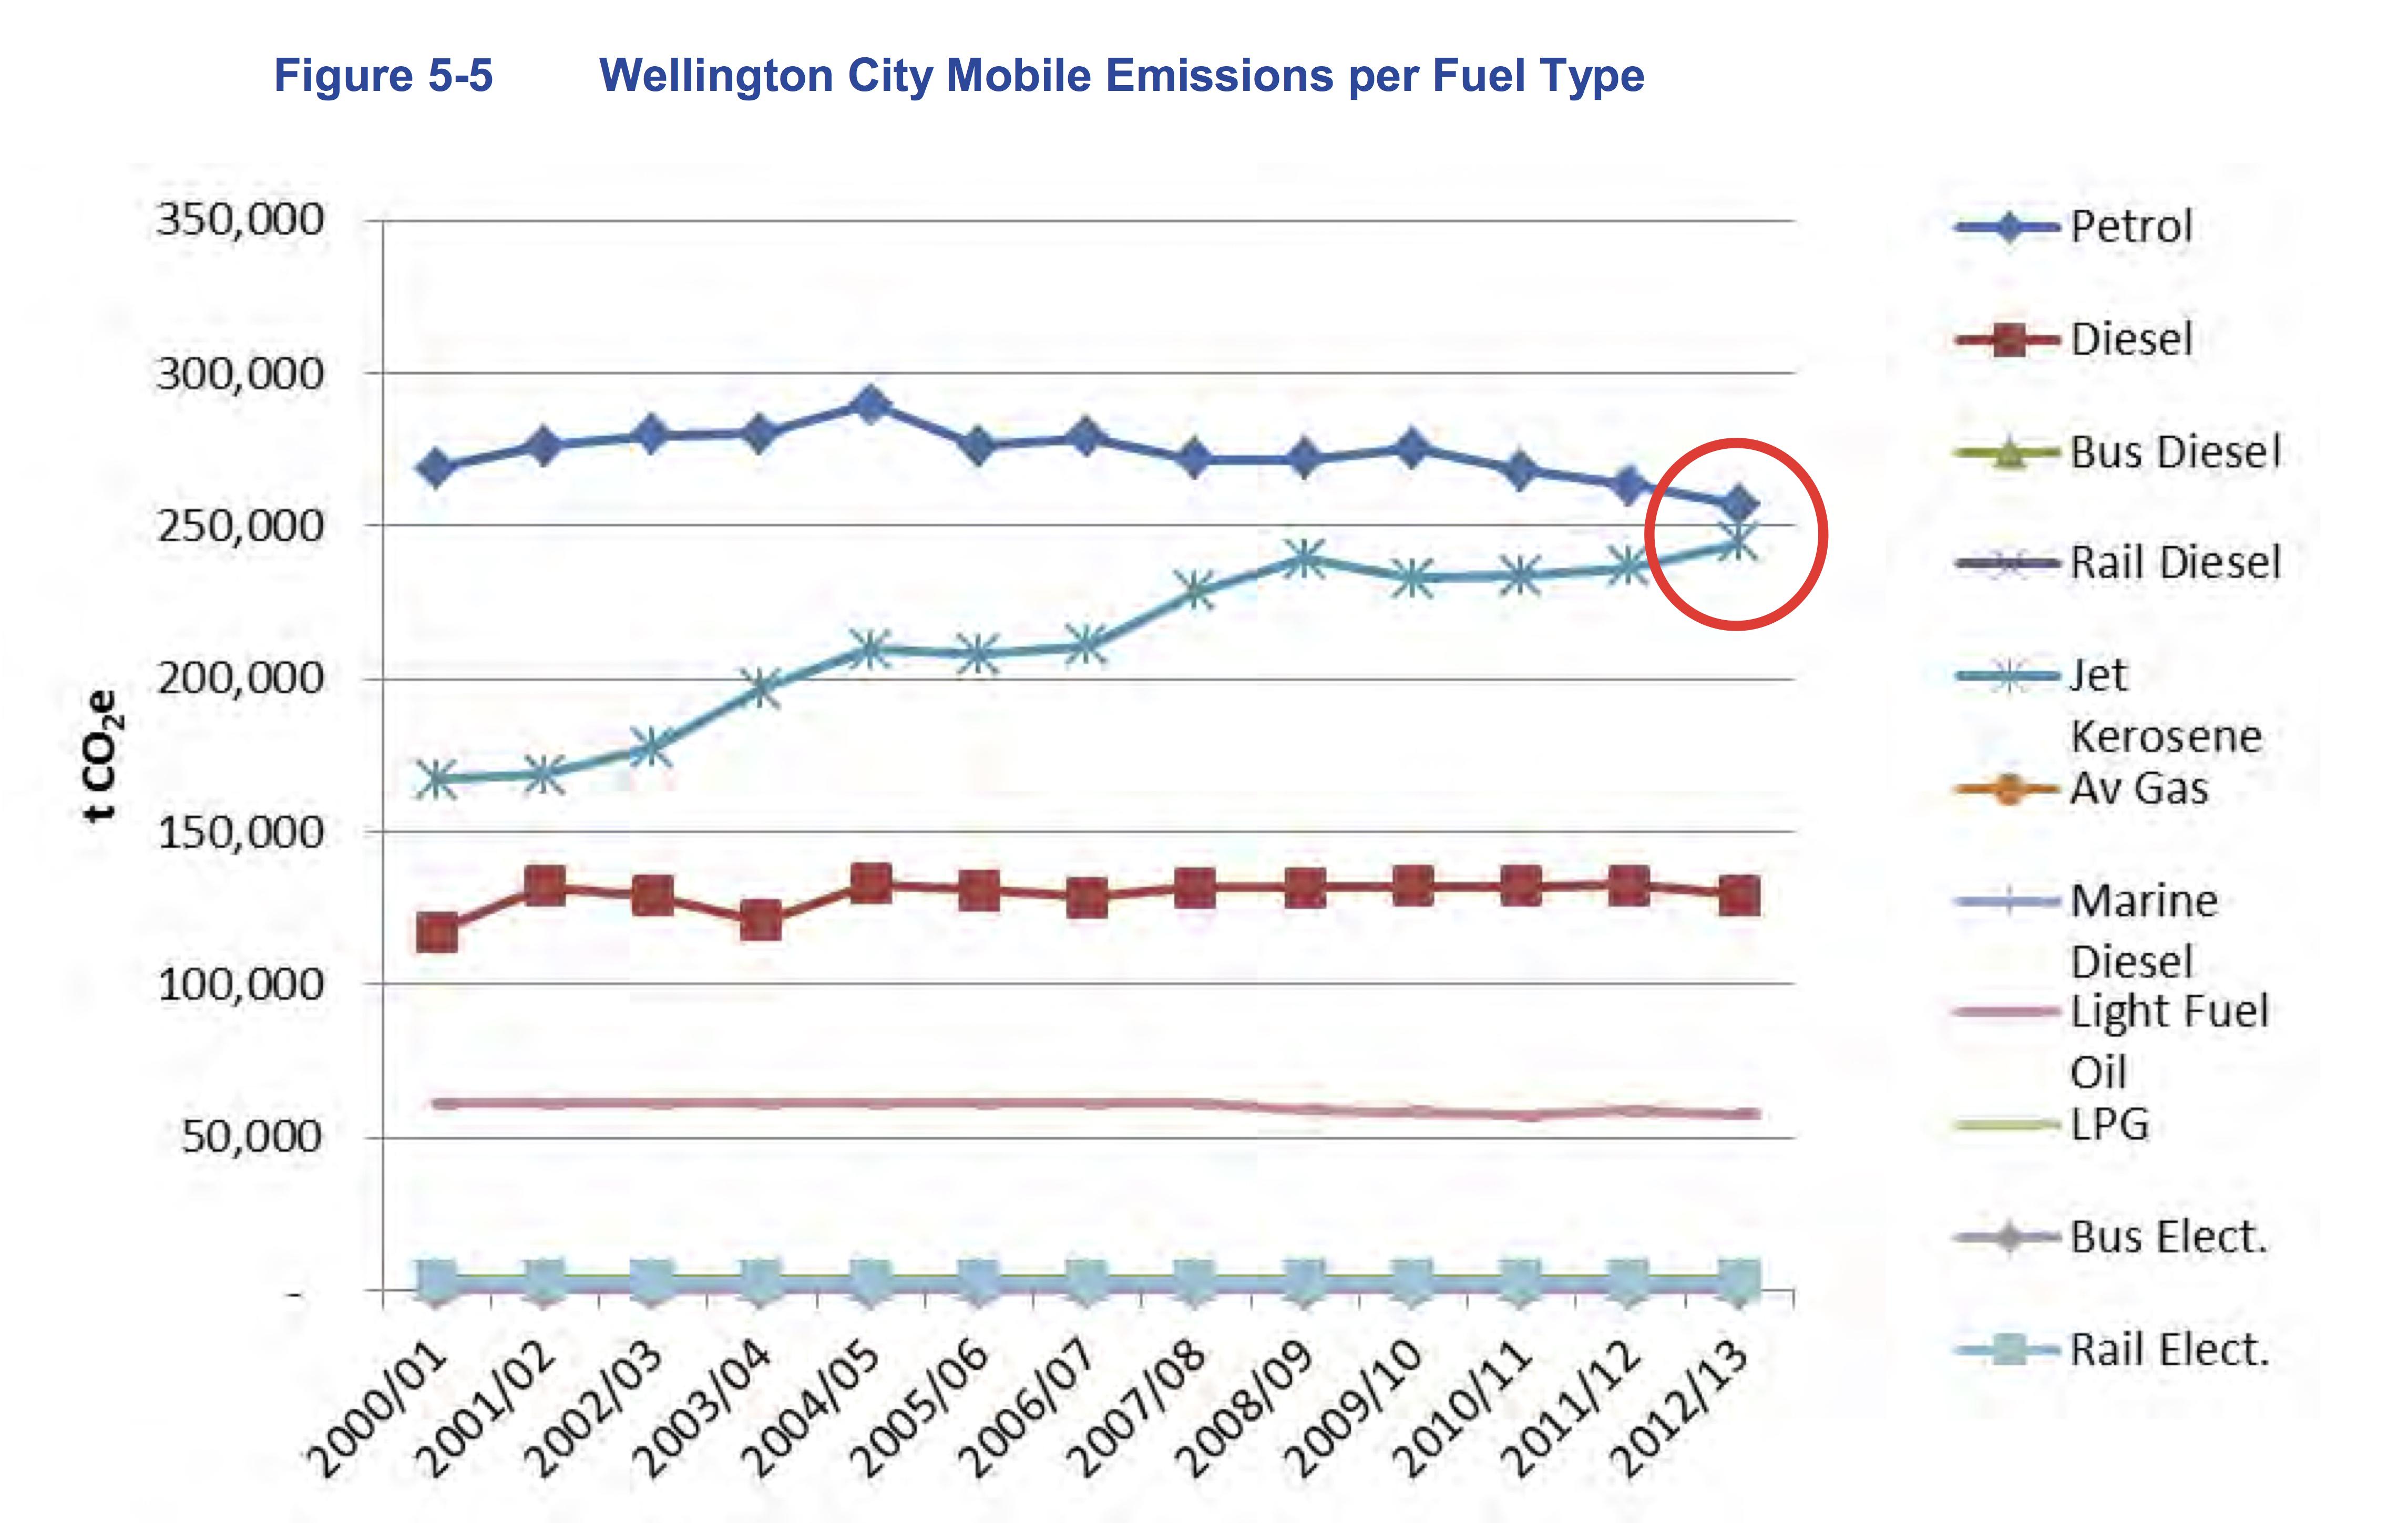 Wgtn emissions